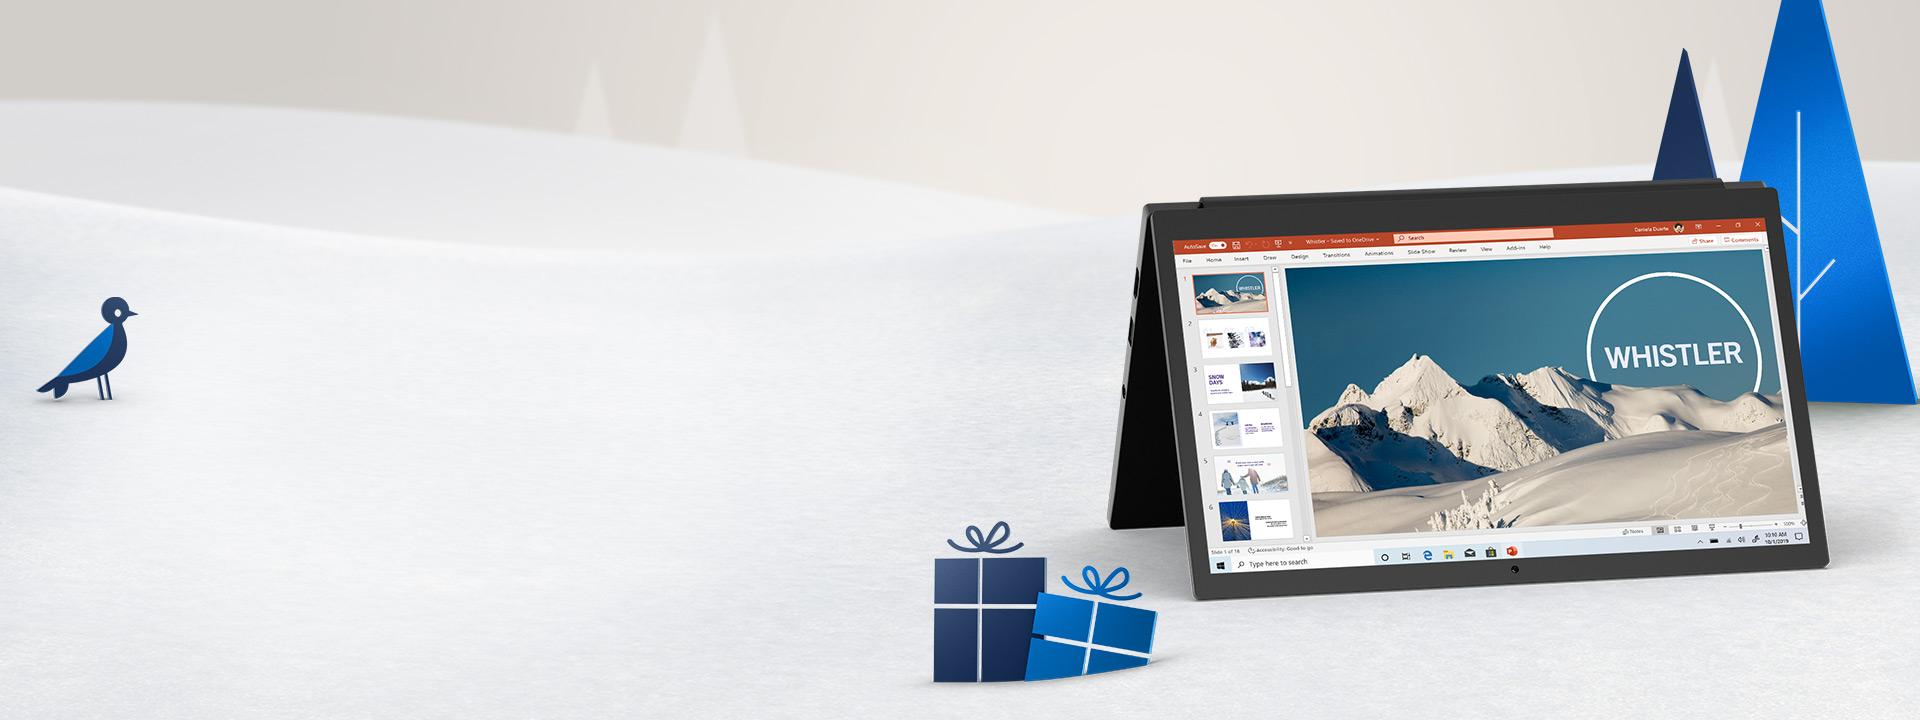 Ein PC, umgeben von einer Feiertagsszene und auf dessen Bildschirm ein PowerPoint-Dokument geöffnet ist